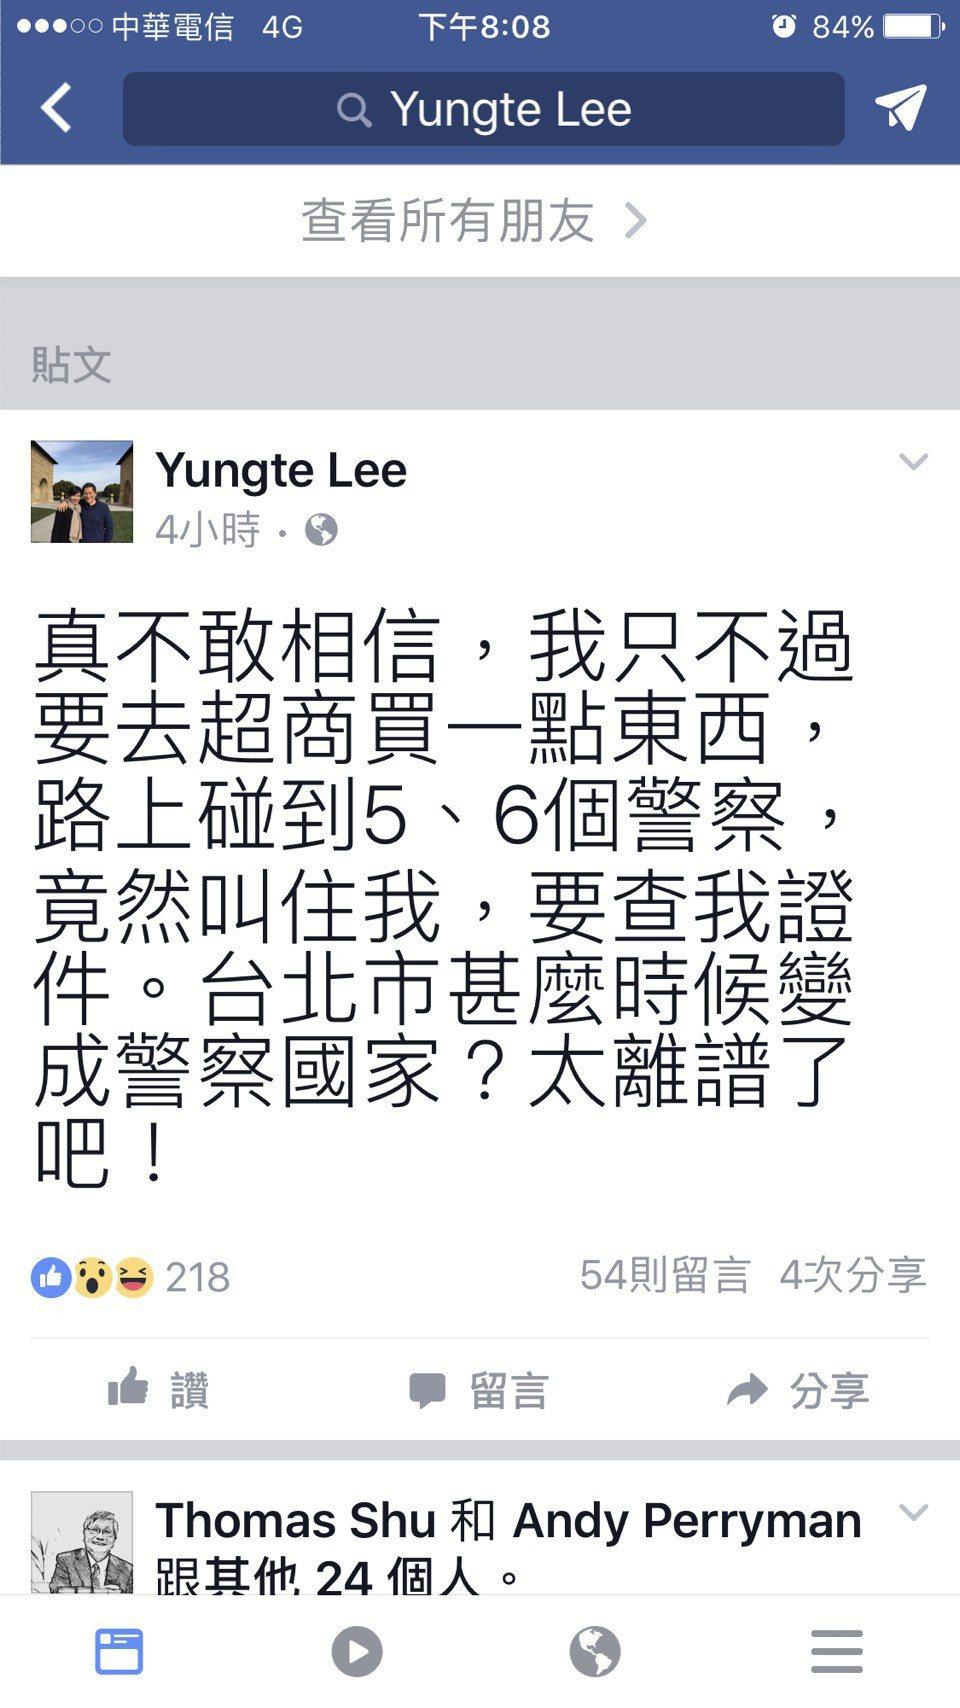 客委會主委李永得昨天在臉書貼文指出,他只不過去超商買東西,竟被警察盤查。 圖/取...